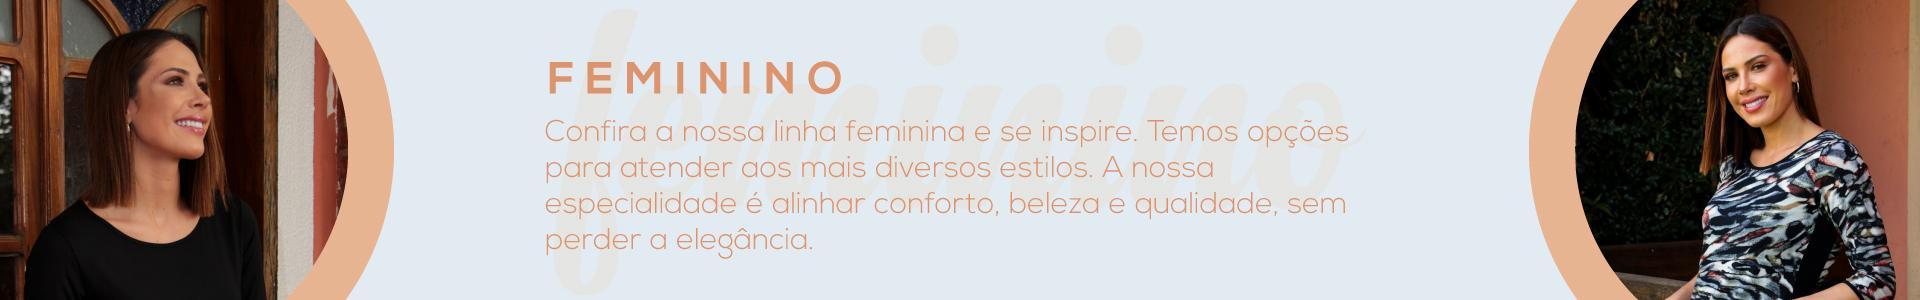 Feminino